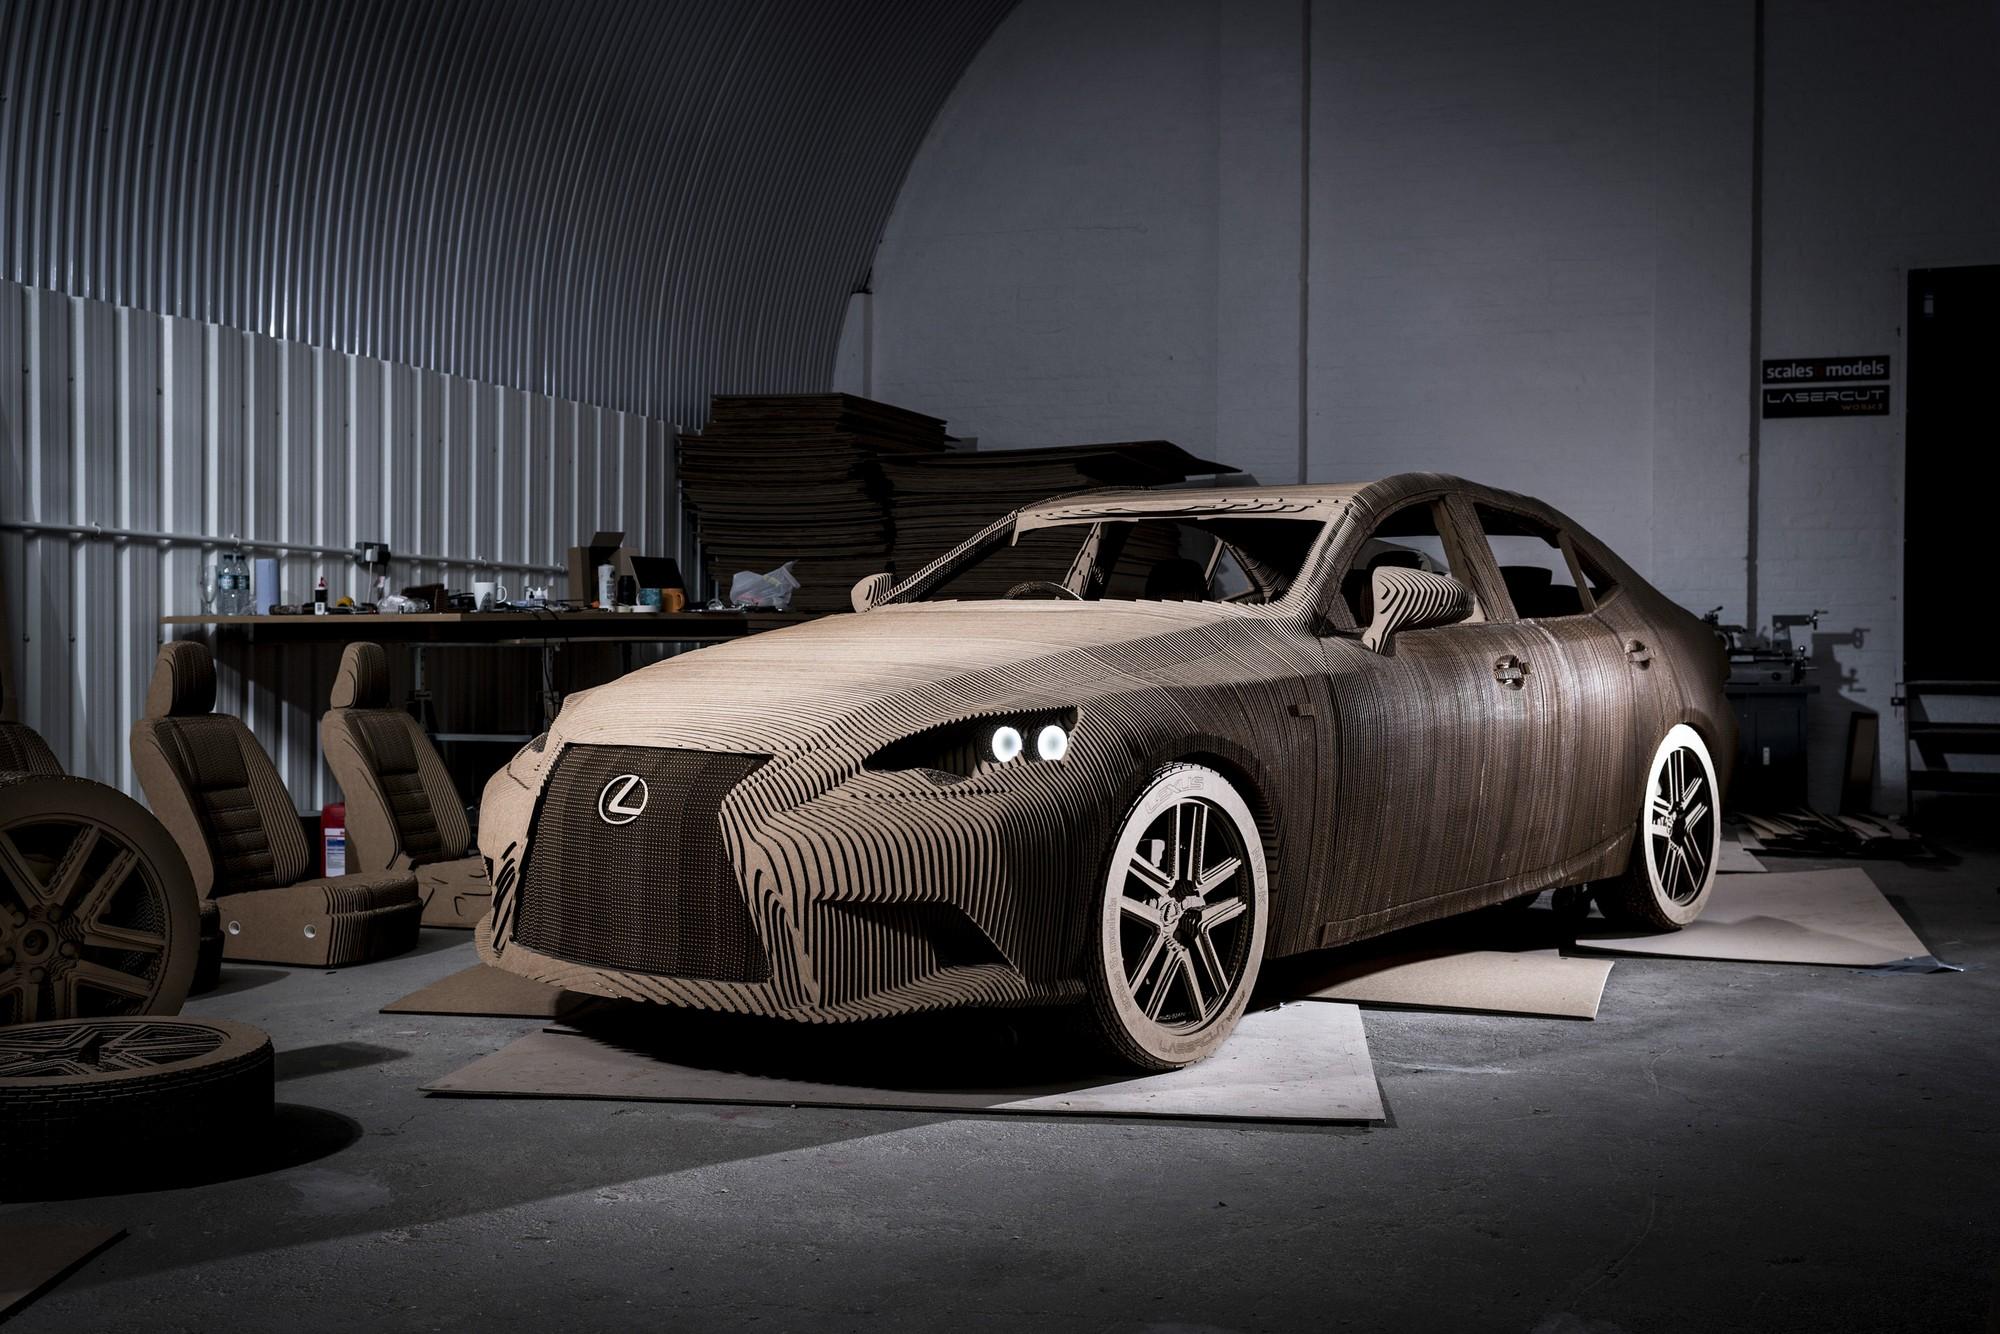 Samochód Origami, tekturowa replika Lexusa IS (źródło: materiały prasowe Lexus UK)